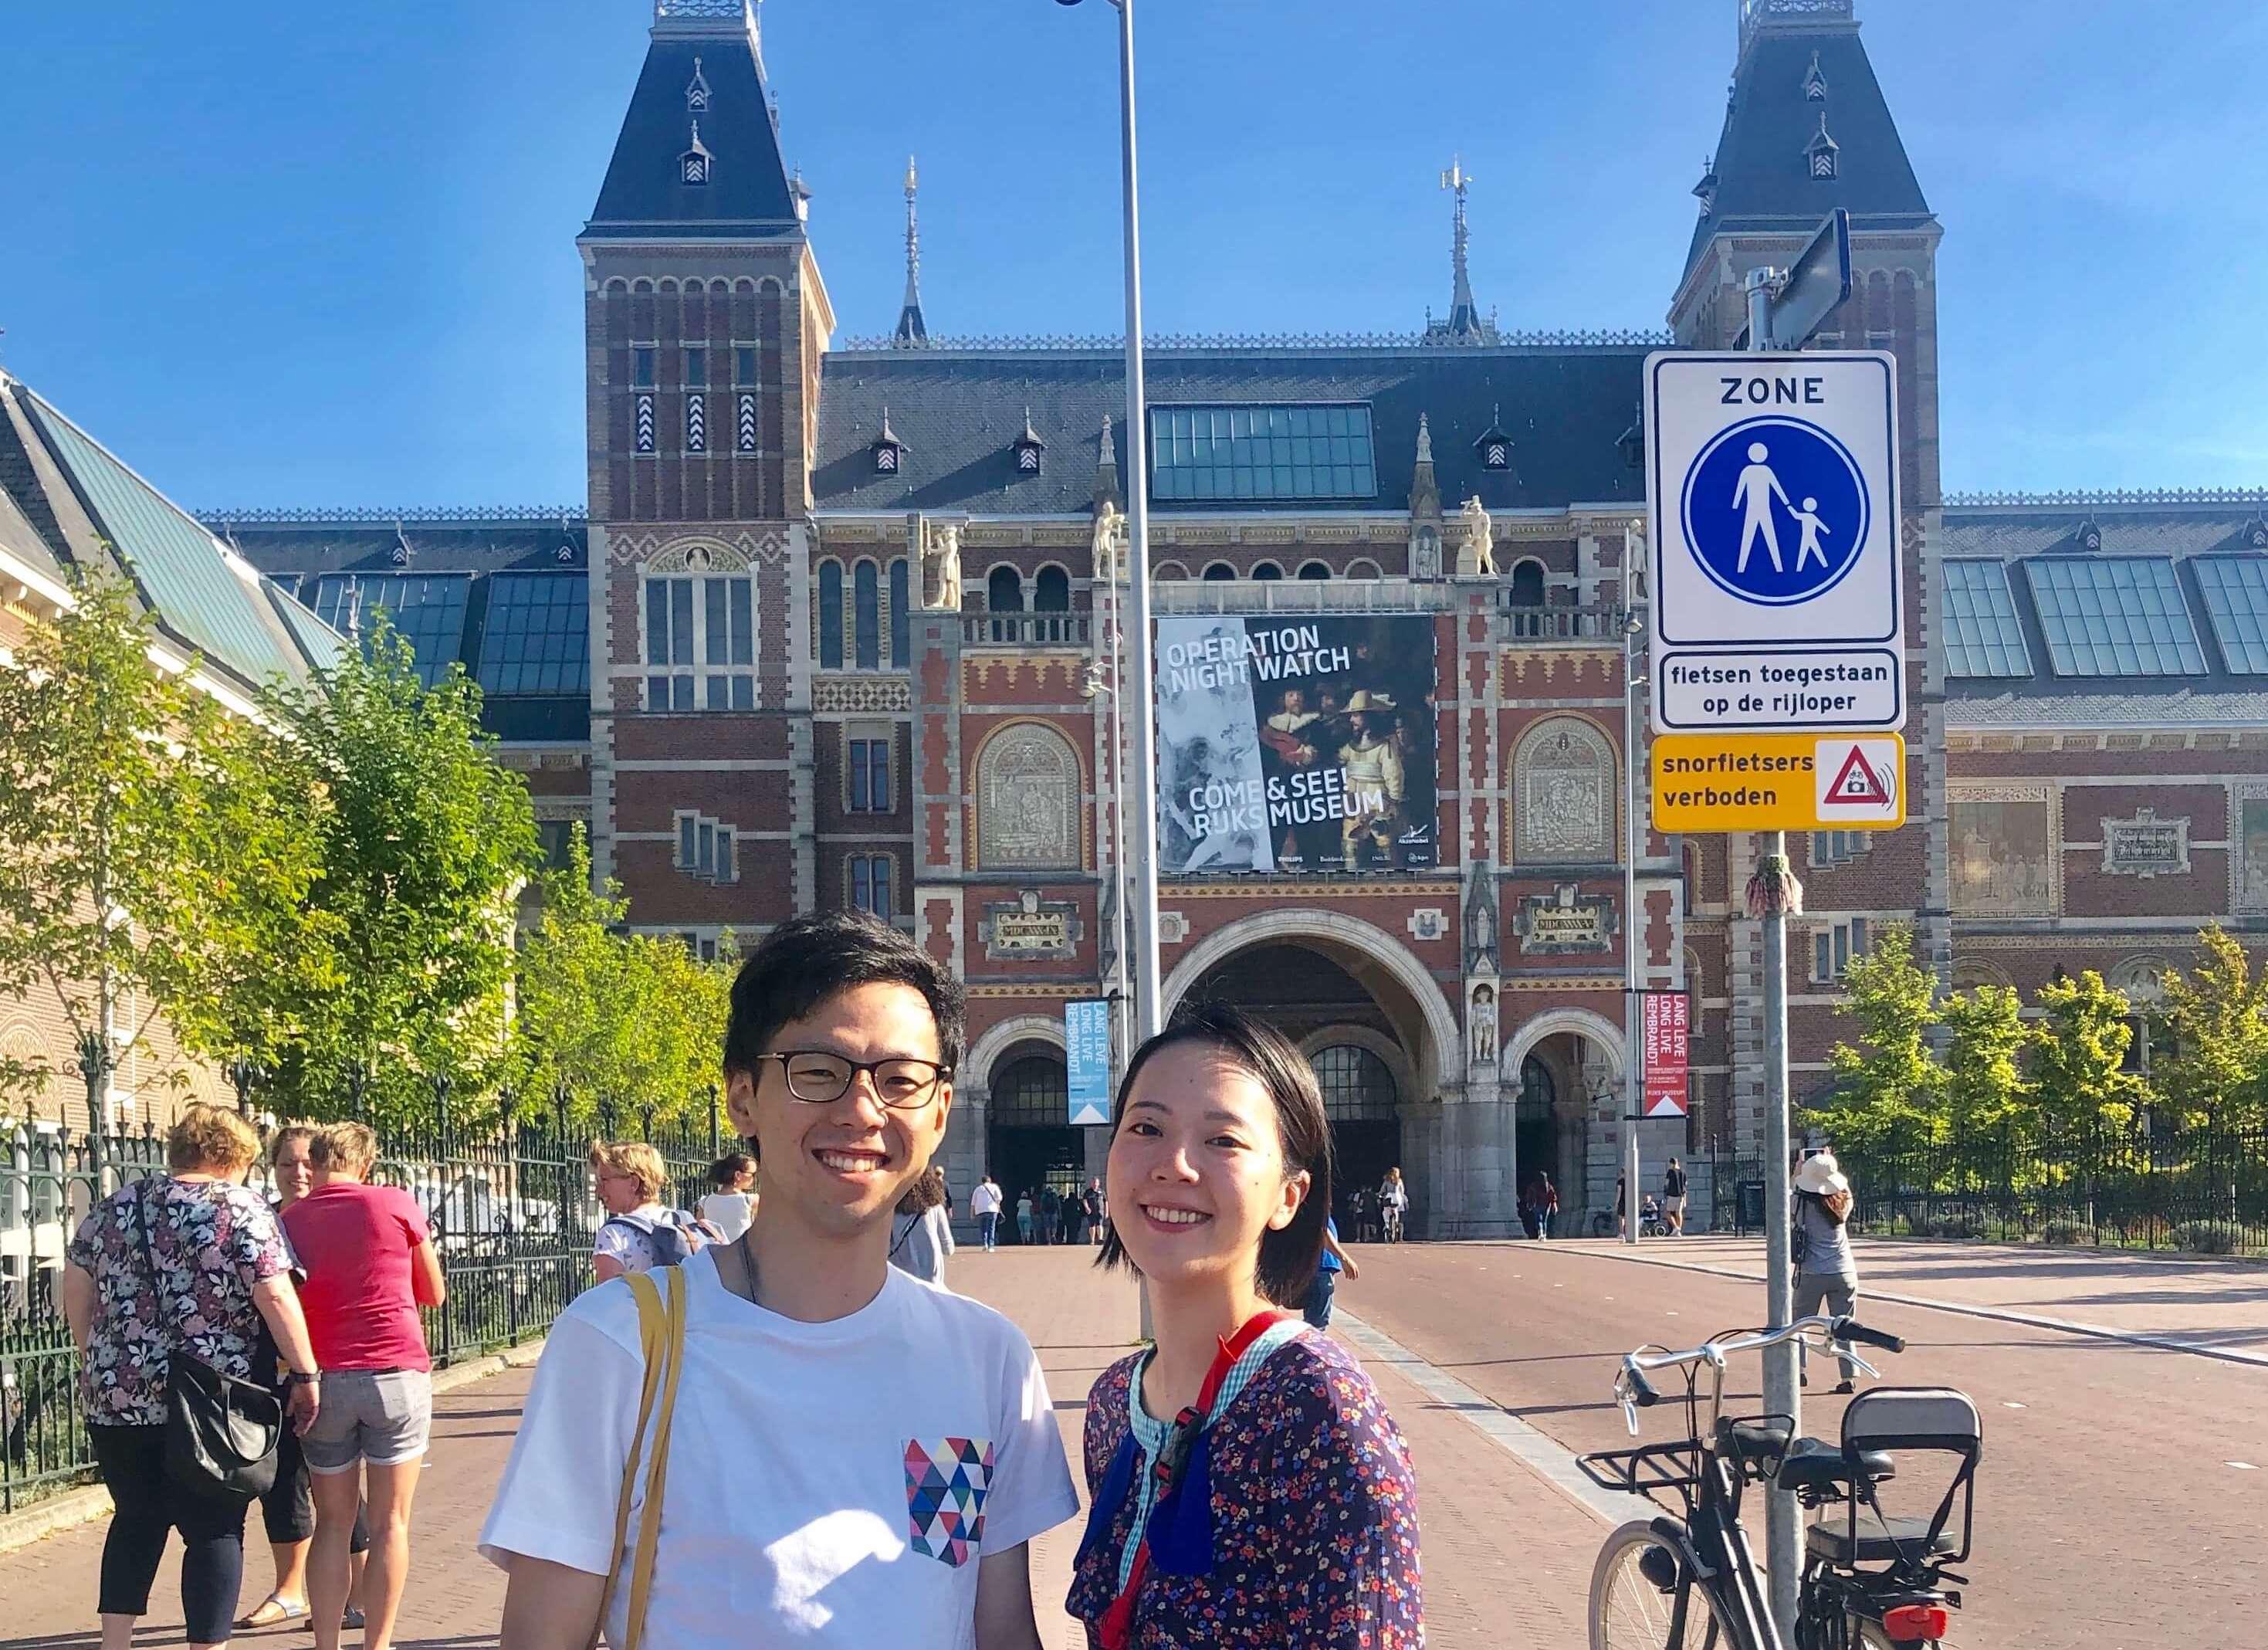 Beautiful city of Amsterdam